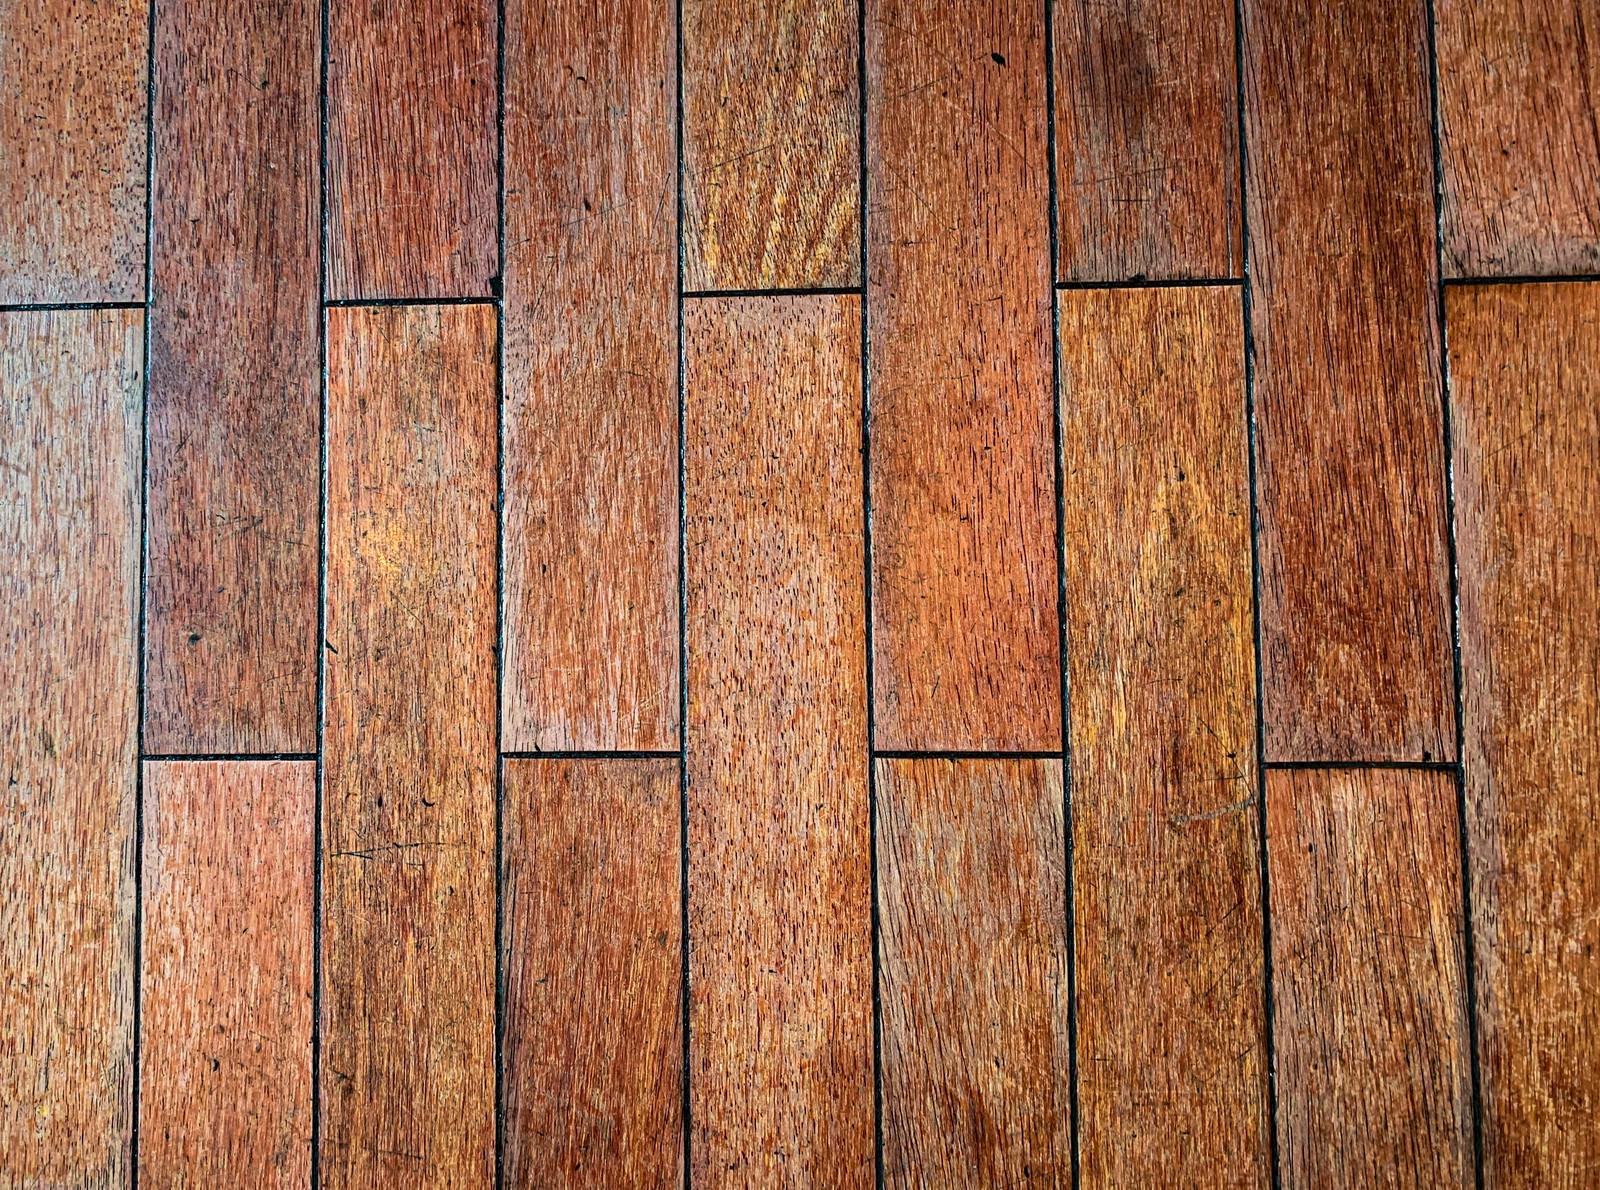 「すり減った木目調のタイル」の写真